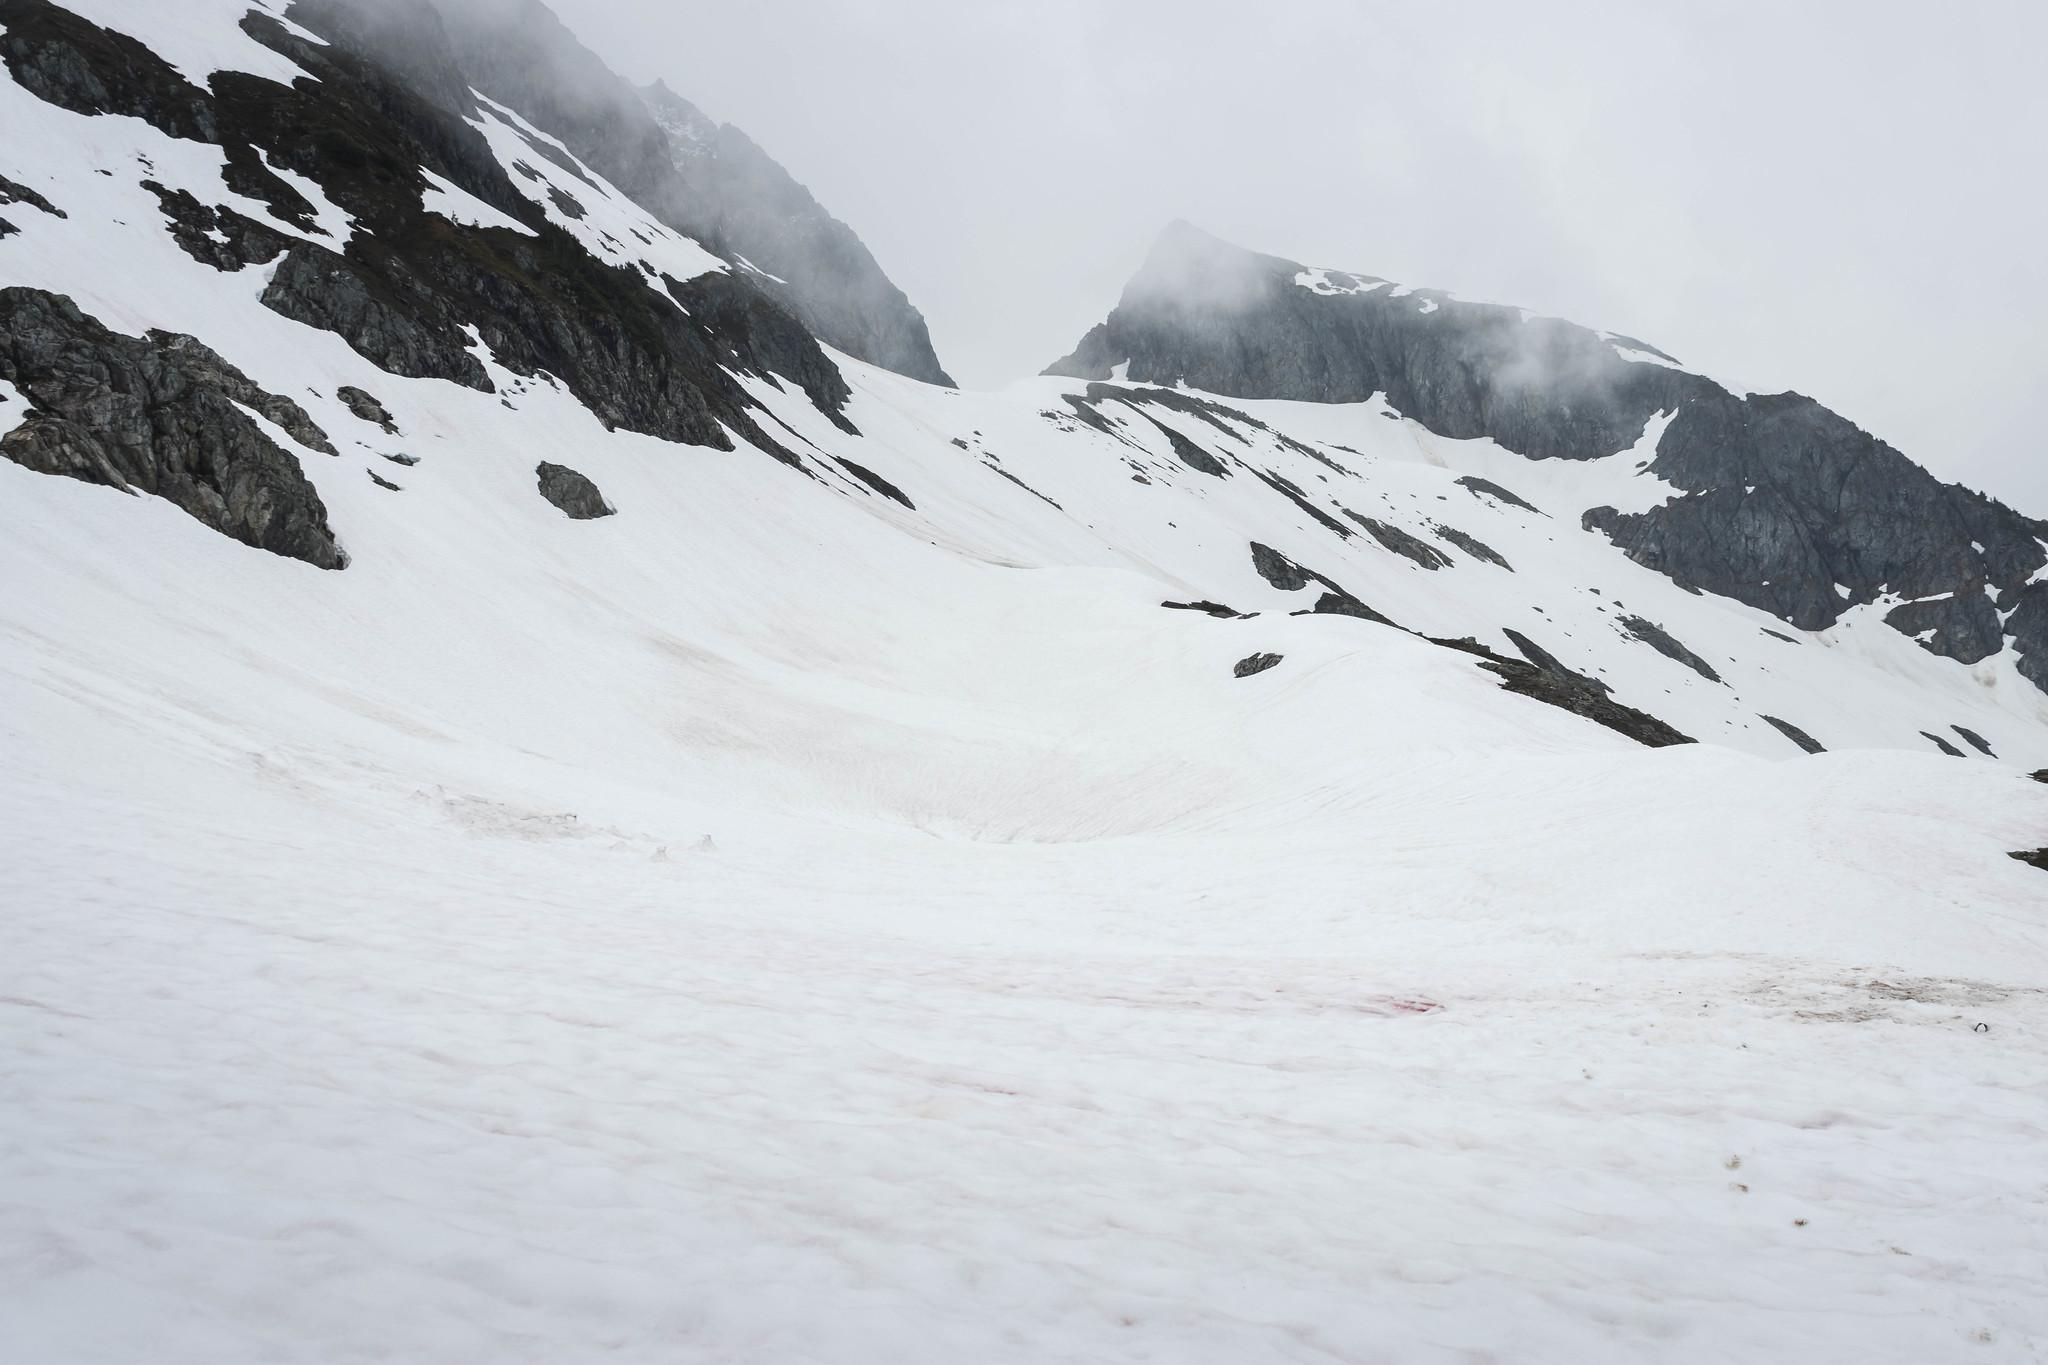 Kool-Aid Lake under the snow